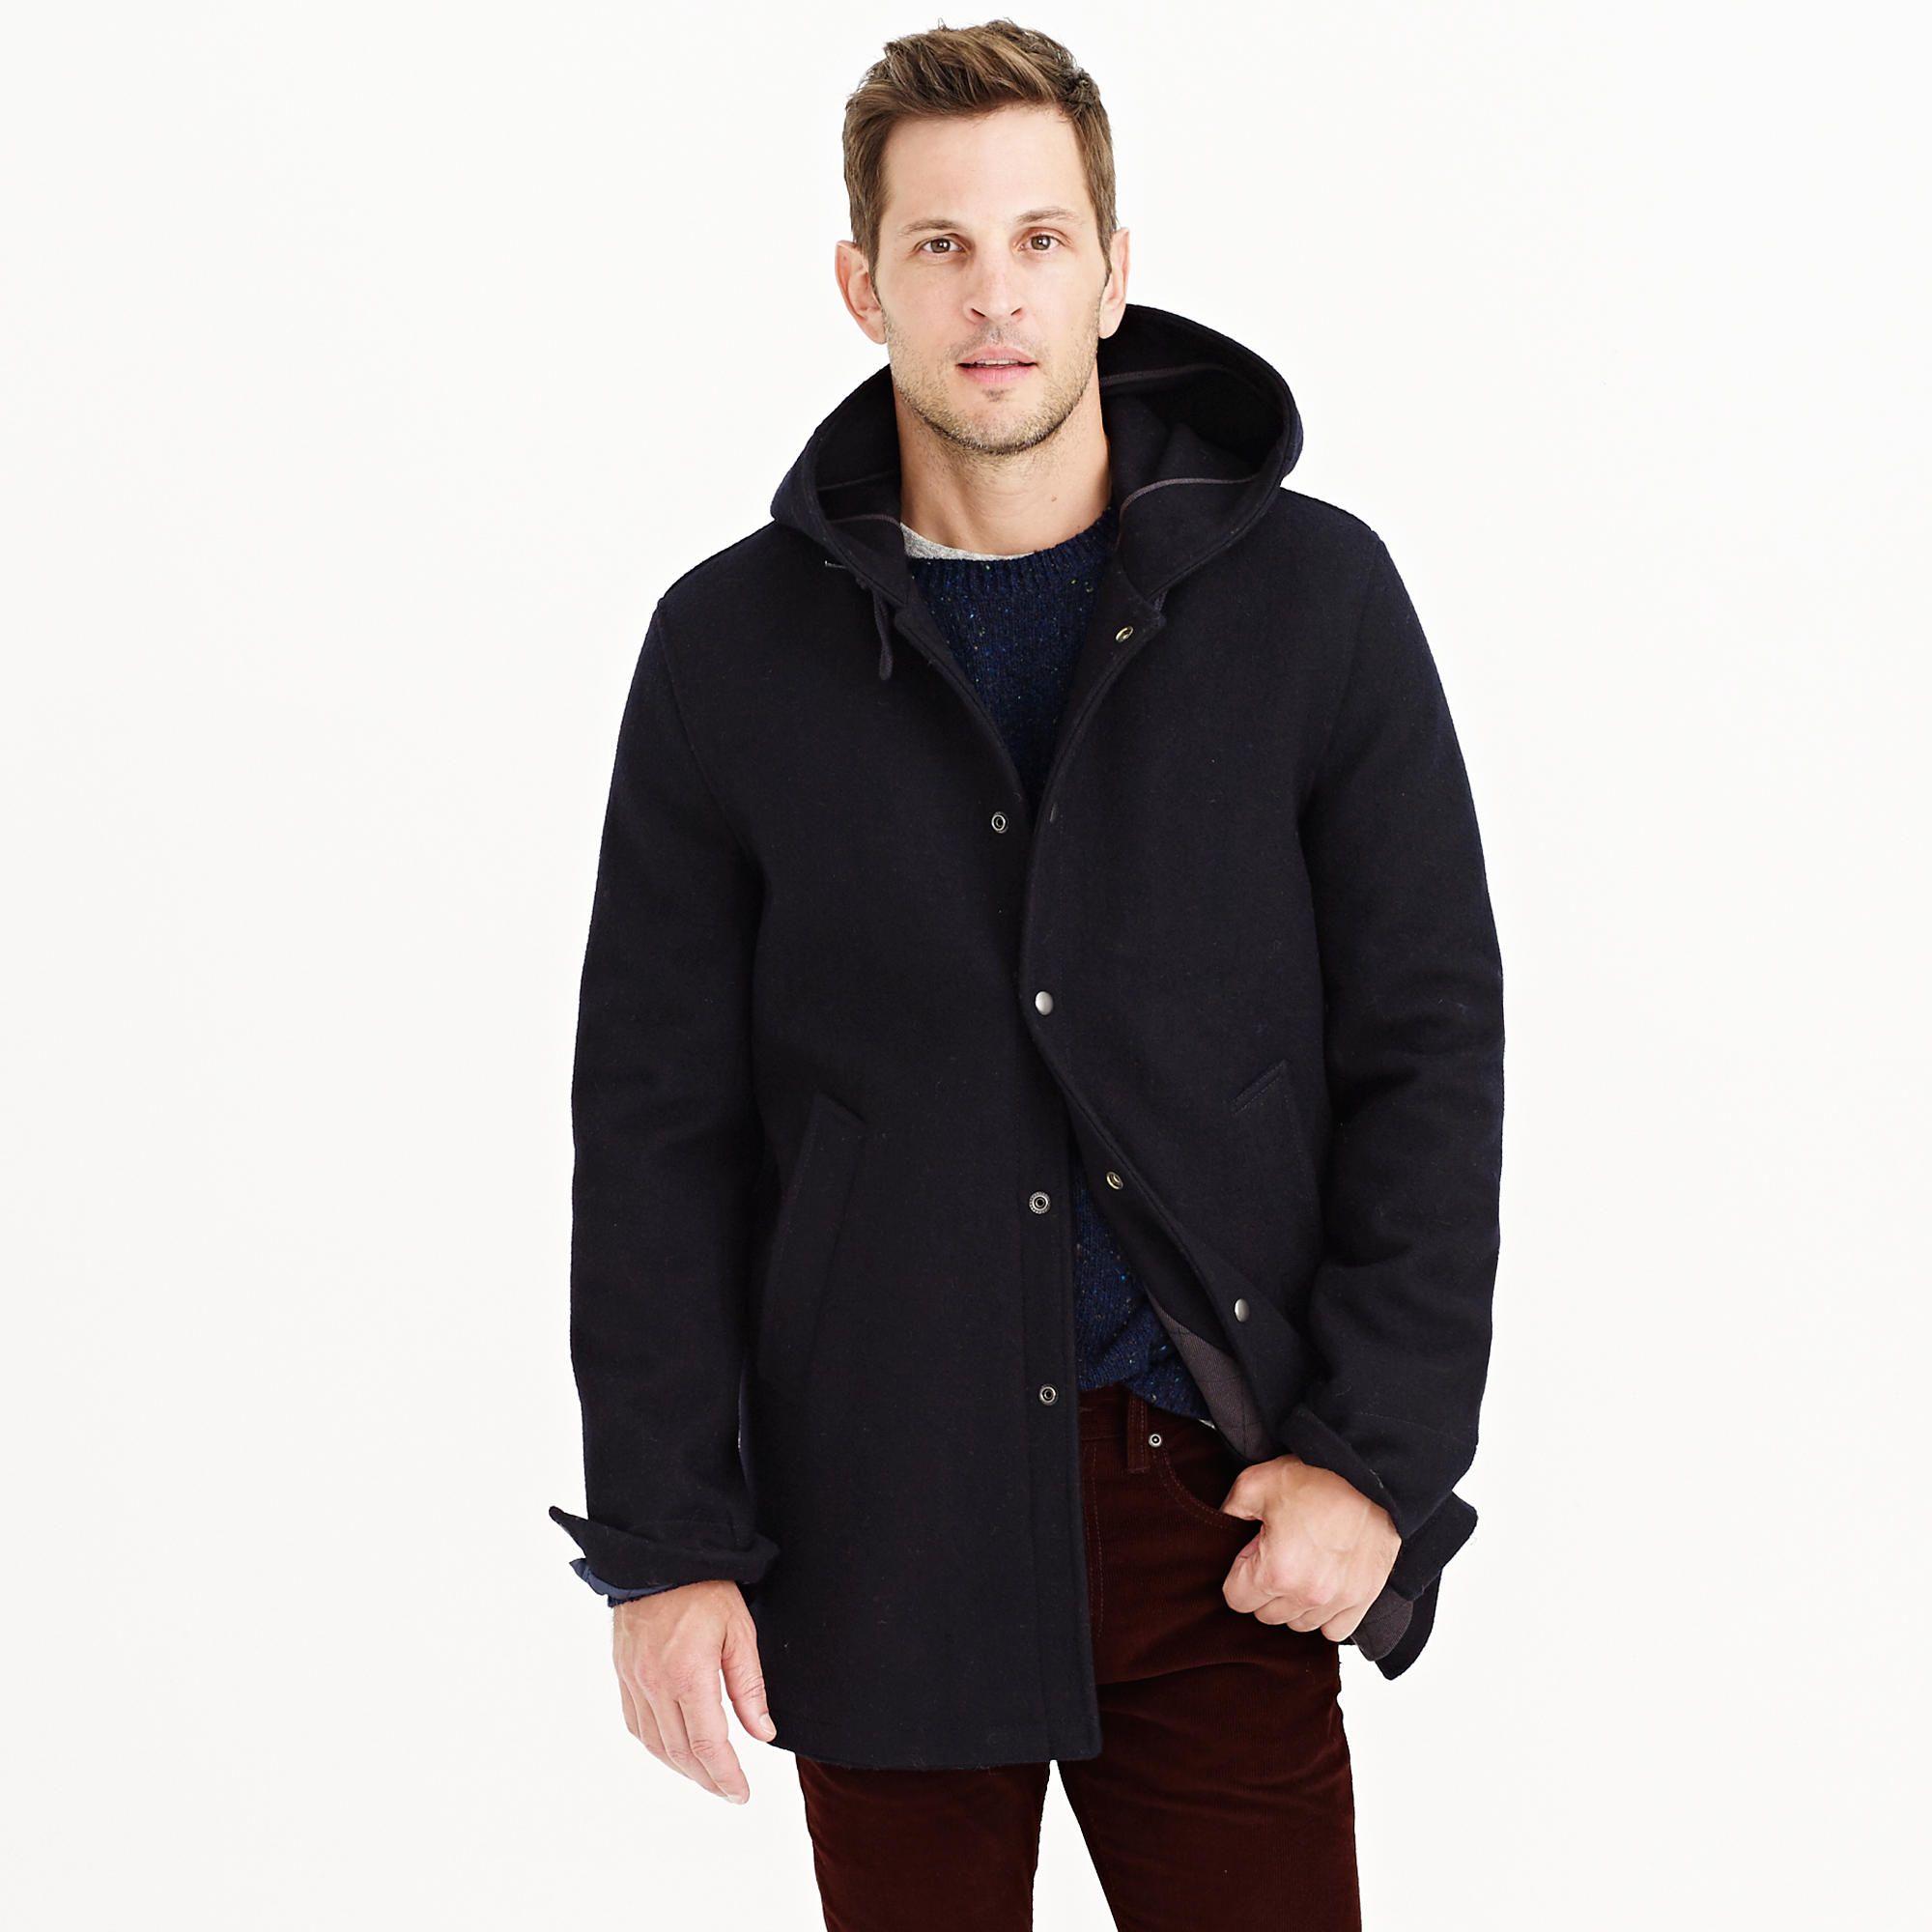 J. Crew hooded coach's jacket in wool | Apparel | Pinterest